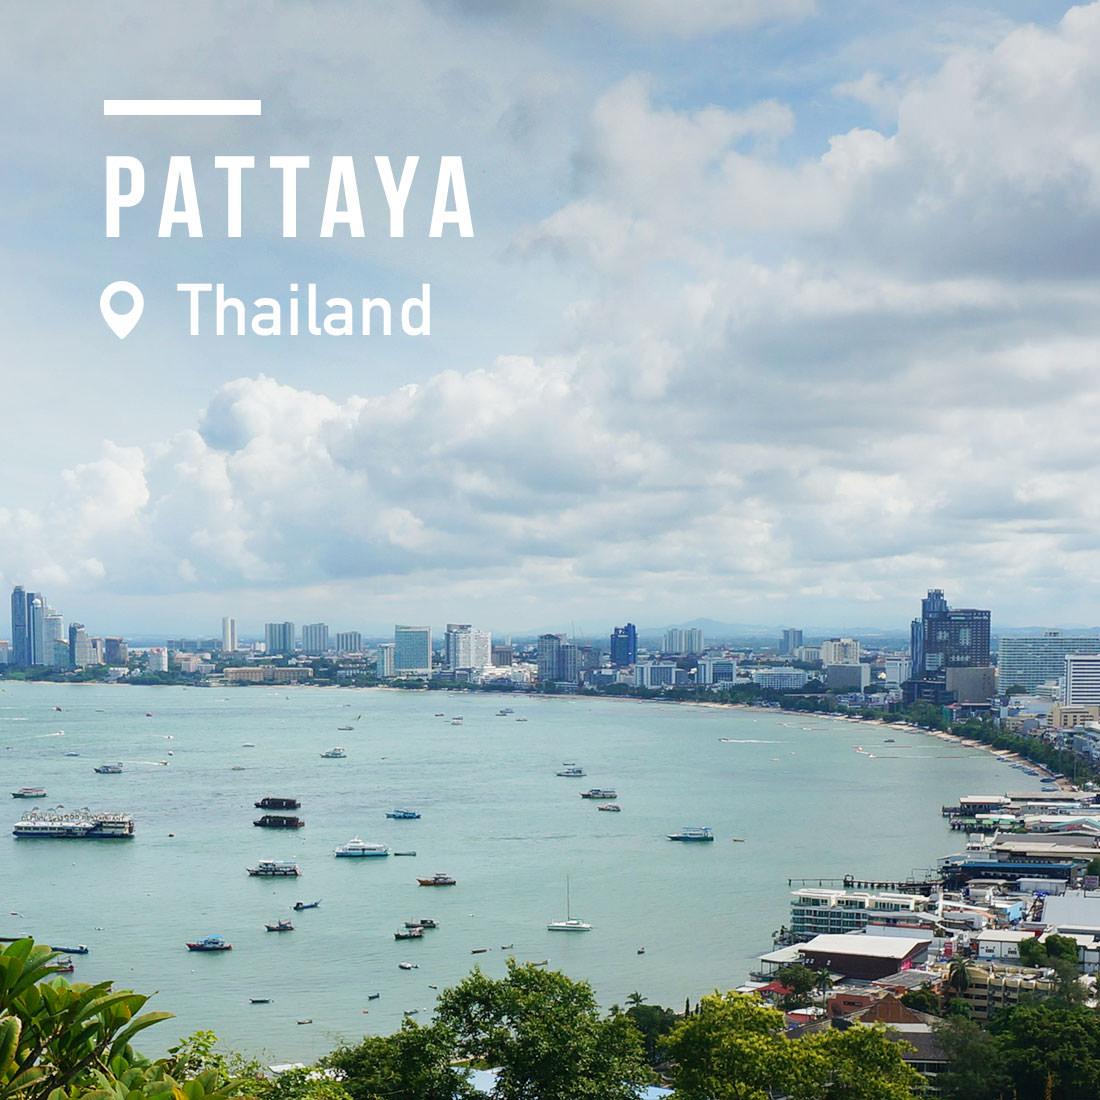 minnensap city name pattaya